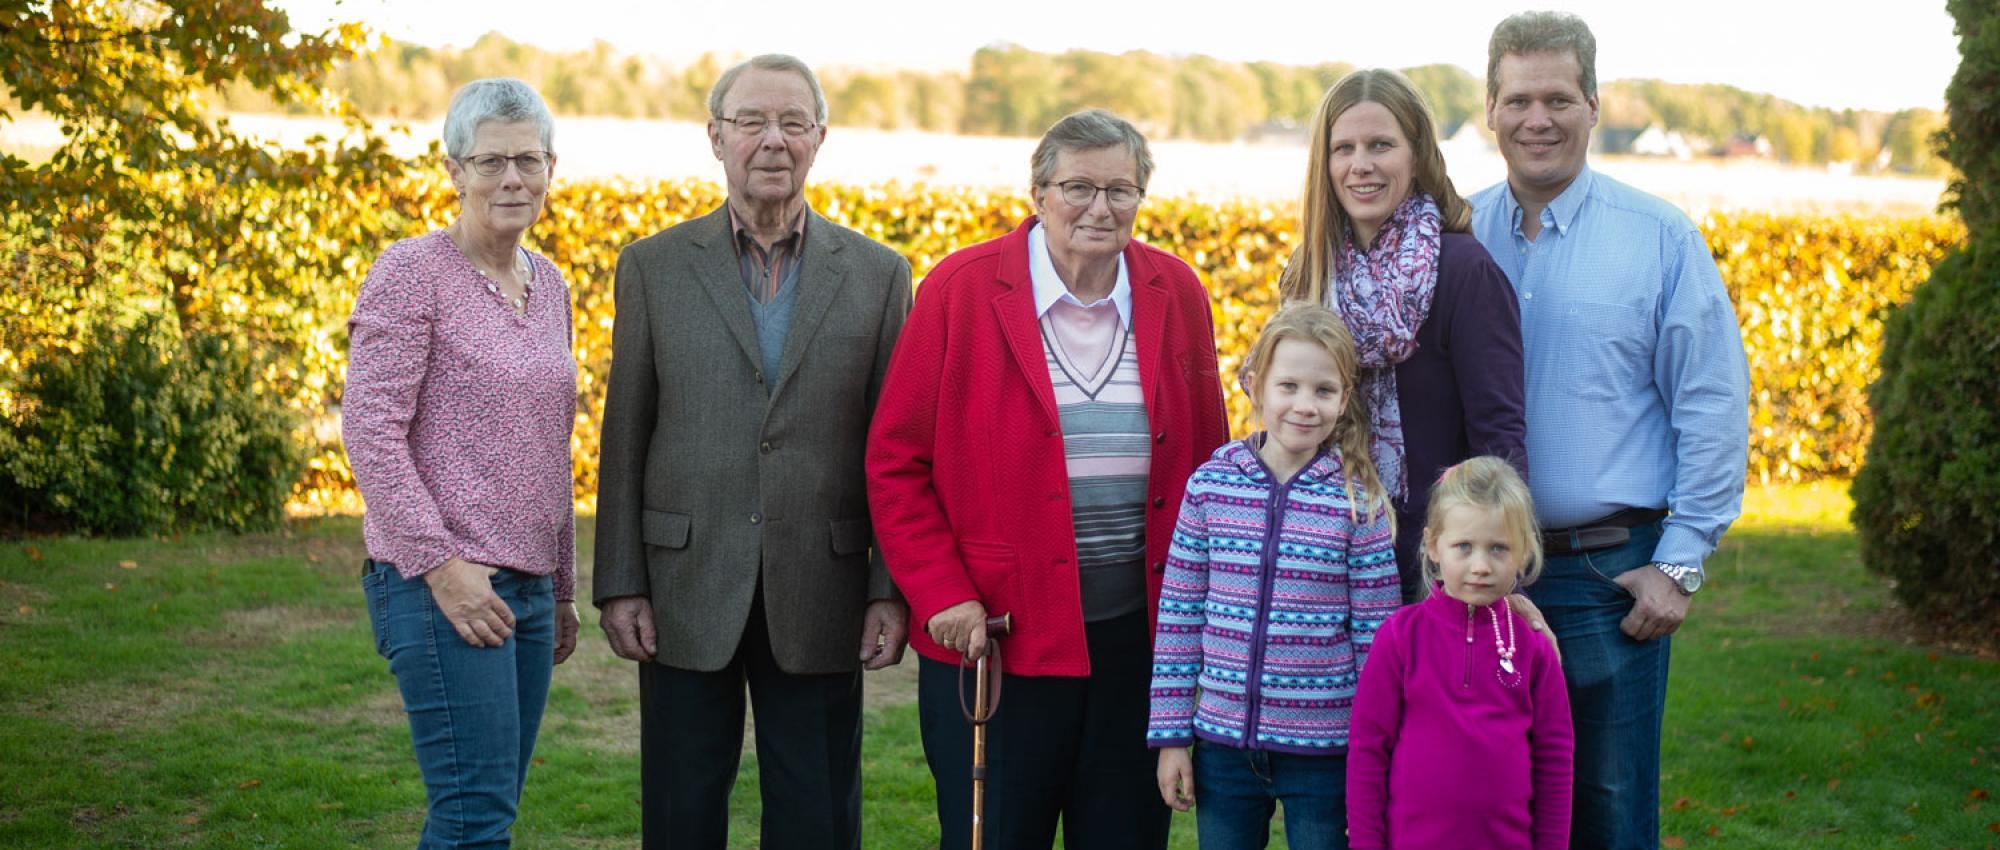 Familie Diercks und Familie Drägestein